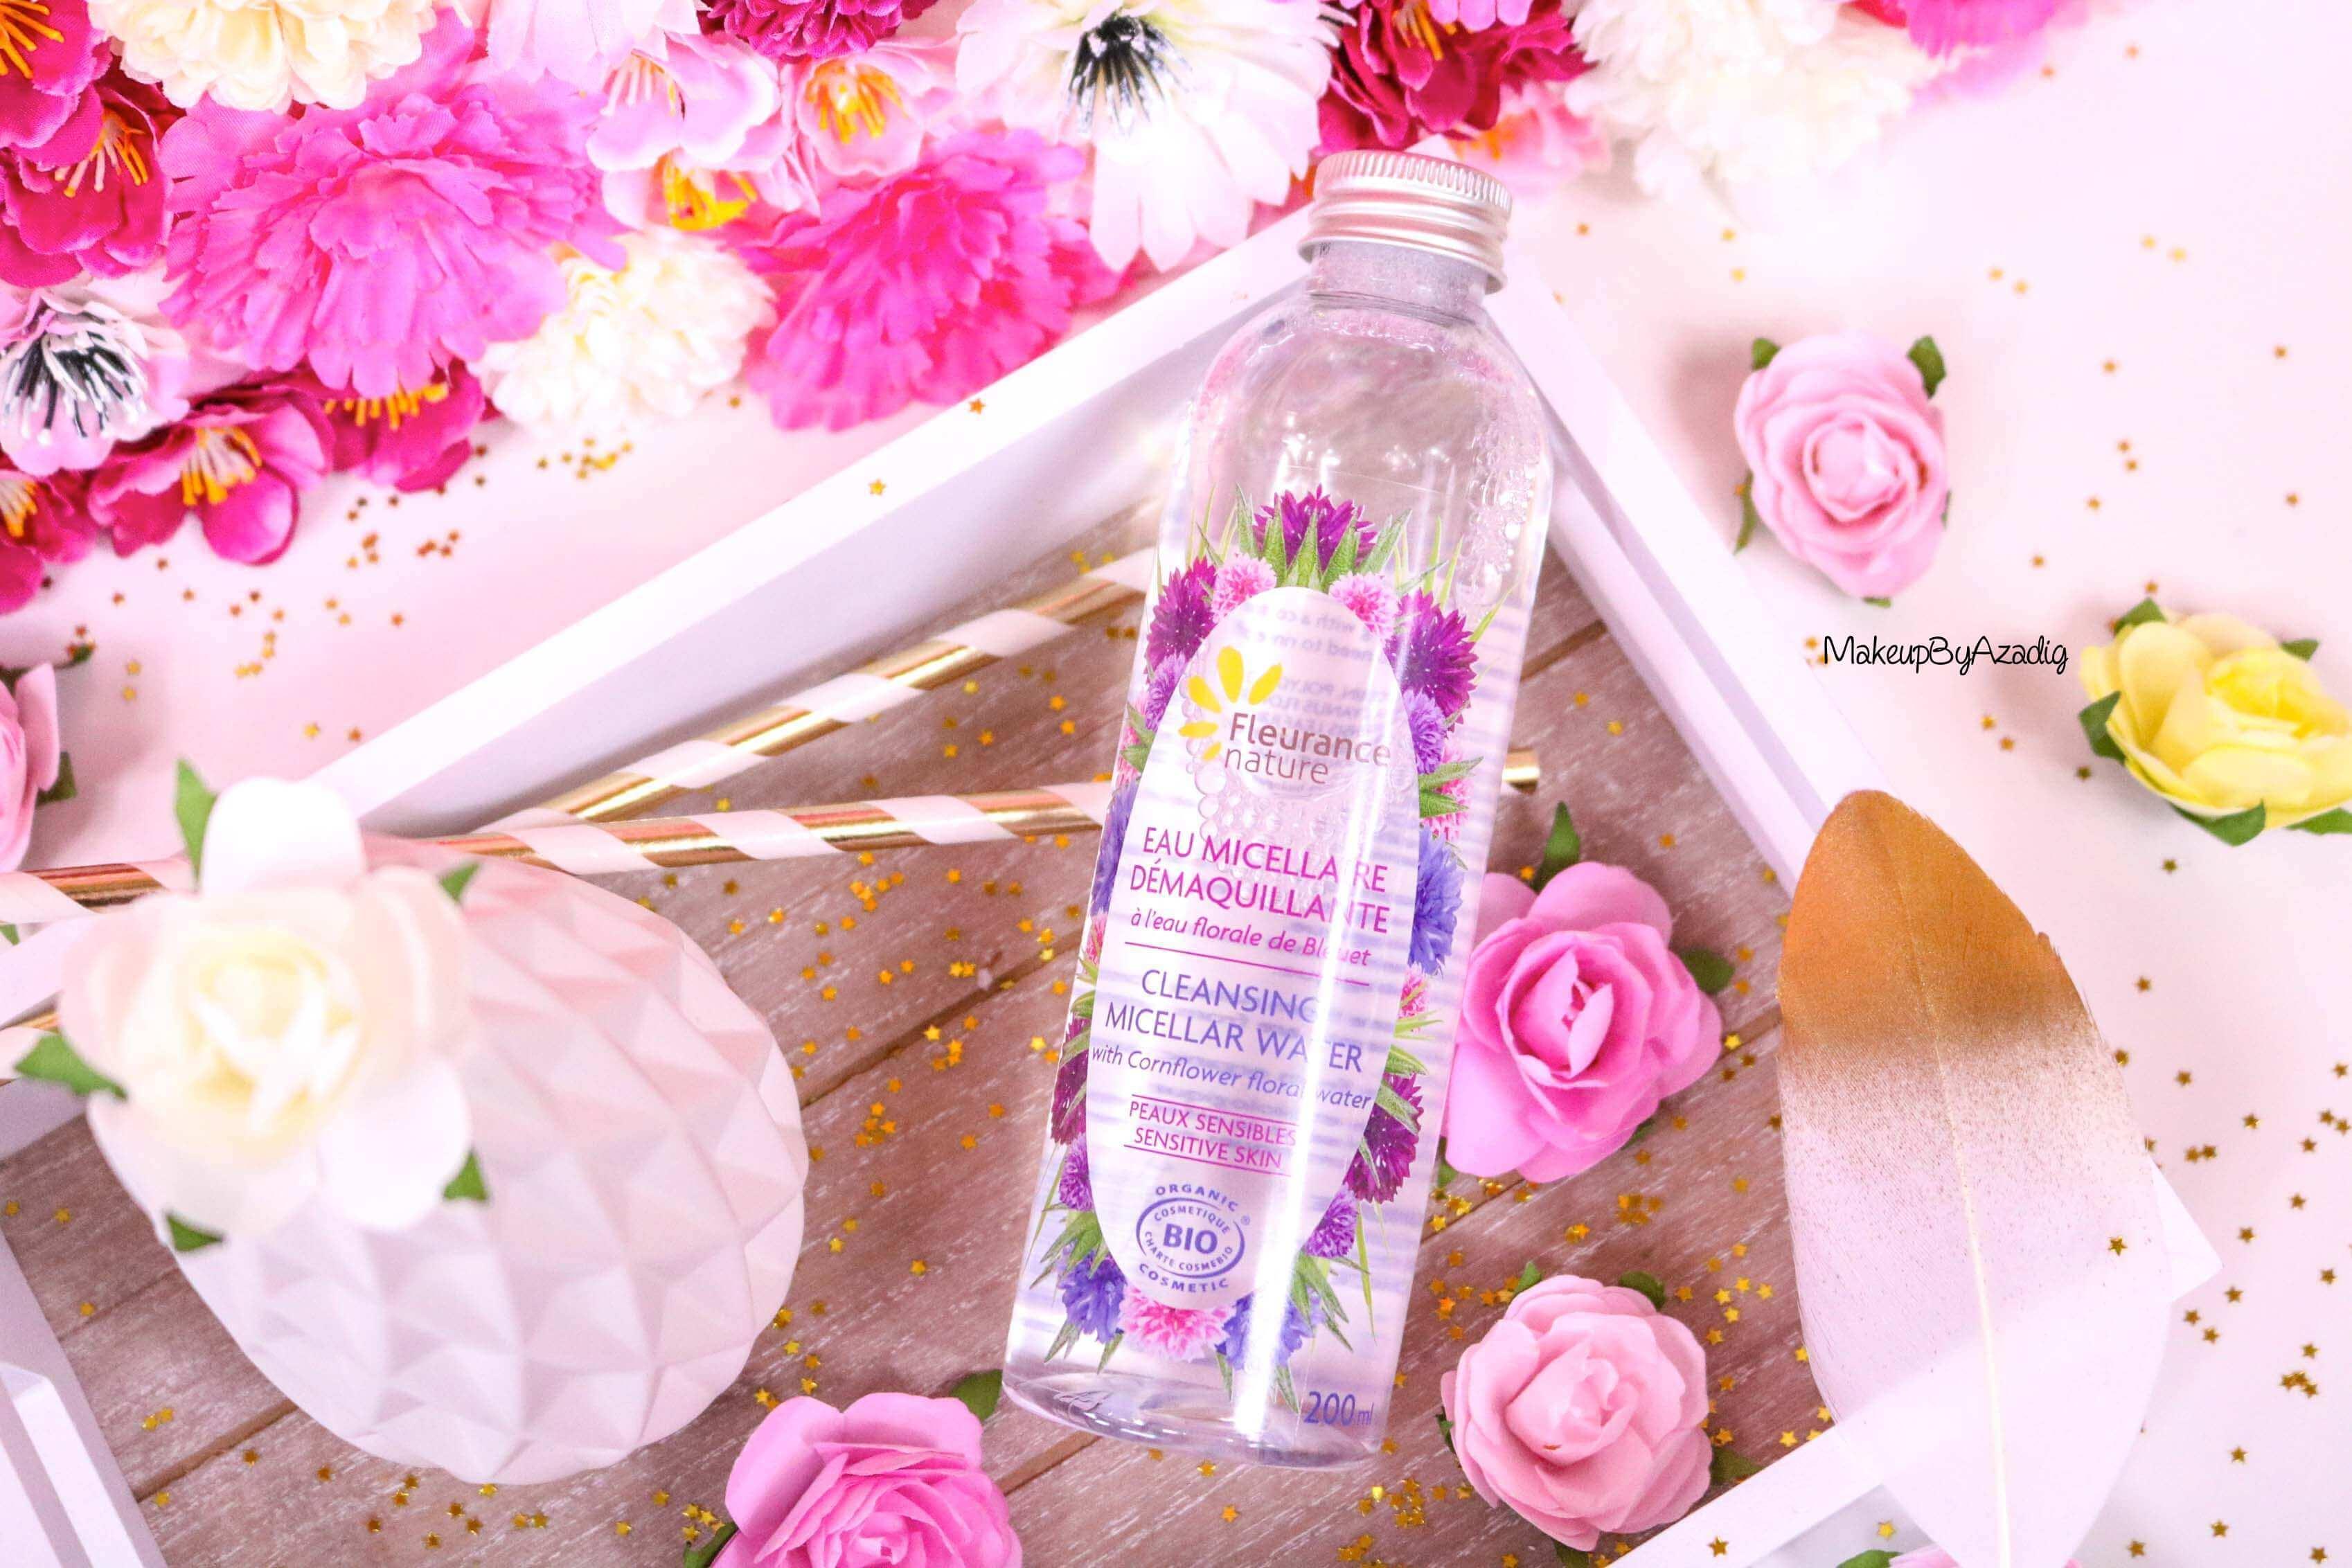 revue-eau-micellaire-peau-sensible-cosmetique-bio-fleurance-nature-makeupbyazadig-florale-bleuet-prix-avis-cleansing